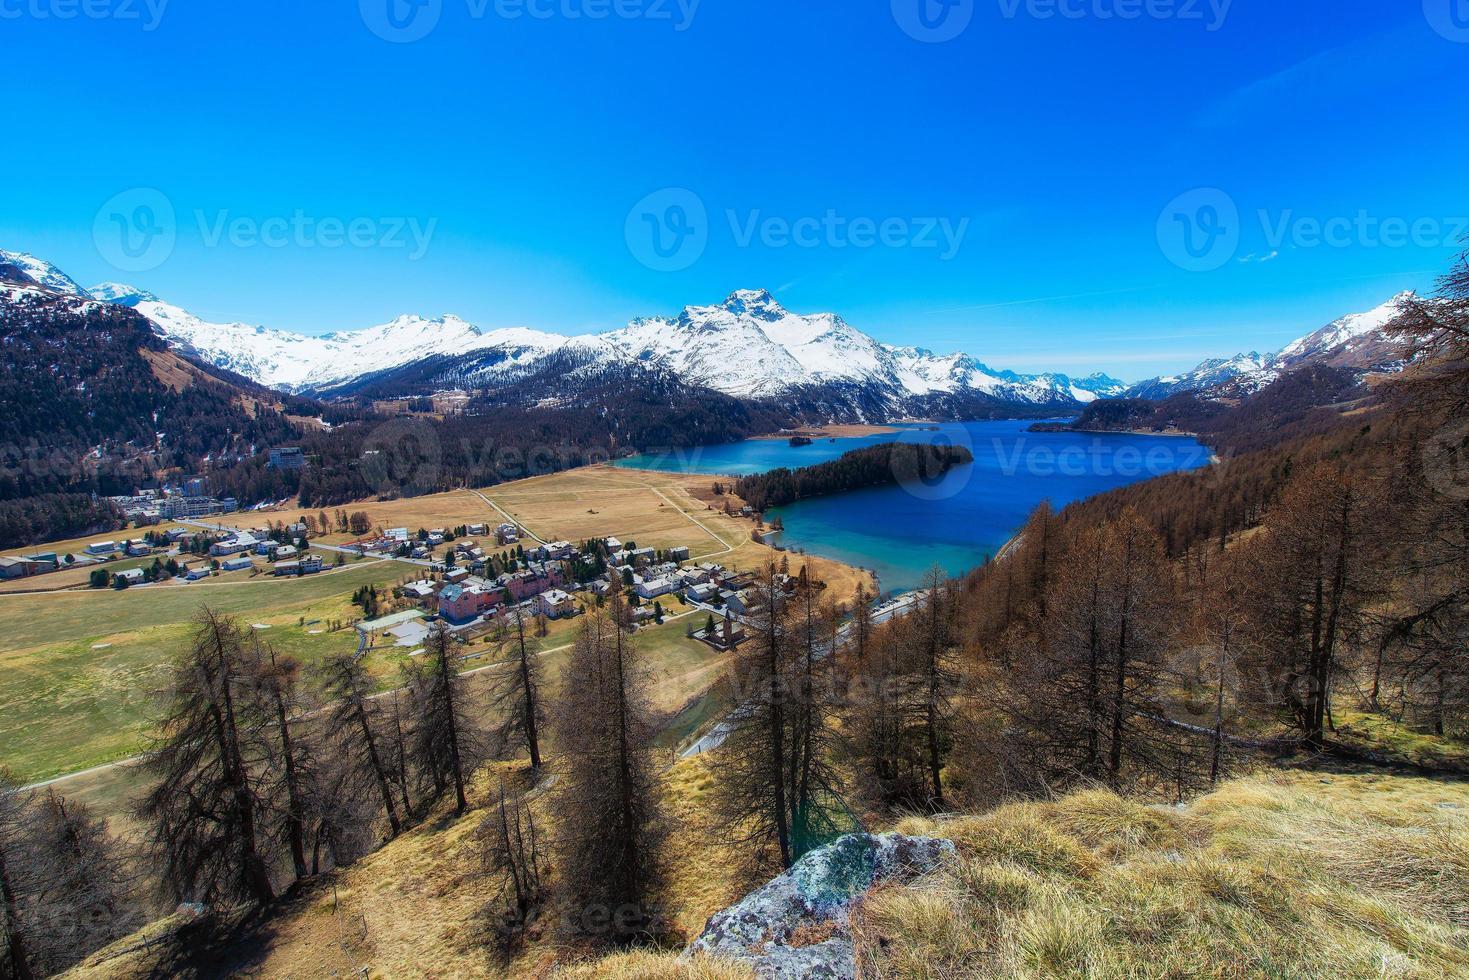 sils maria village de la vallée de l'engadine près de saint moritz avec le lac de sils photo